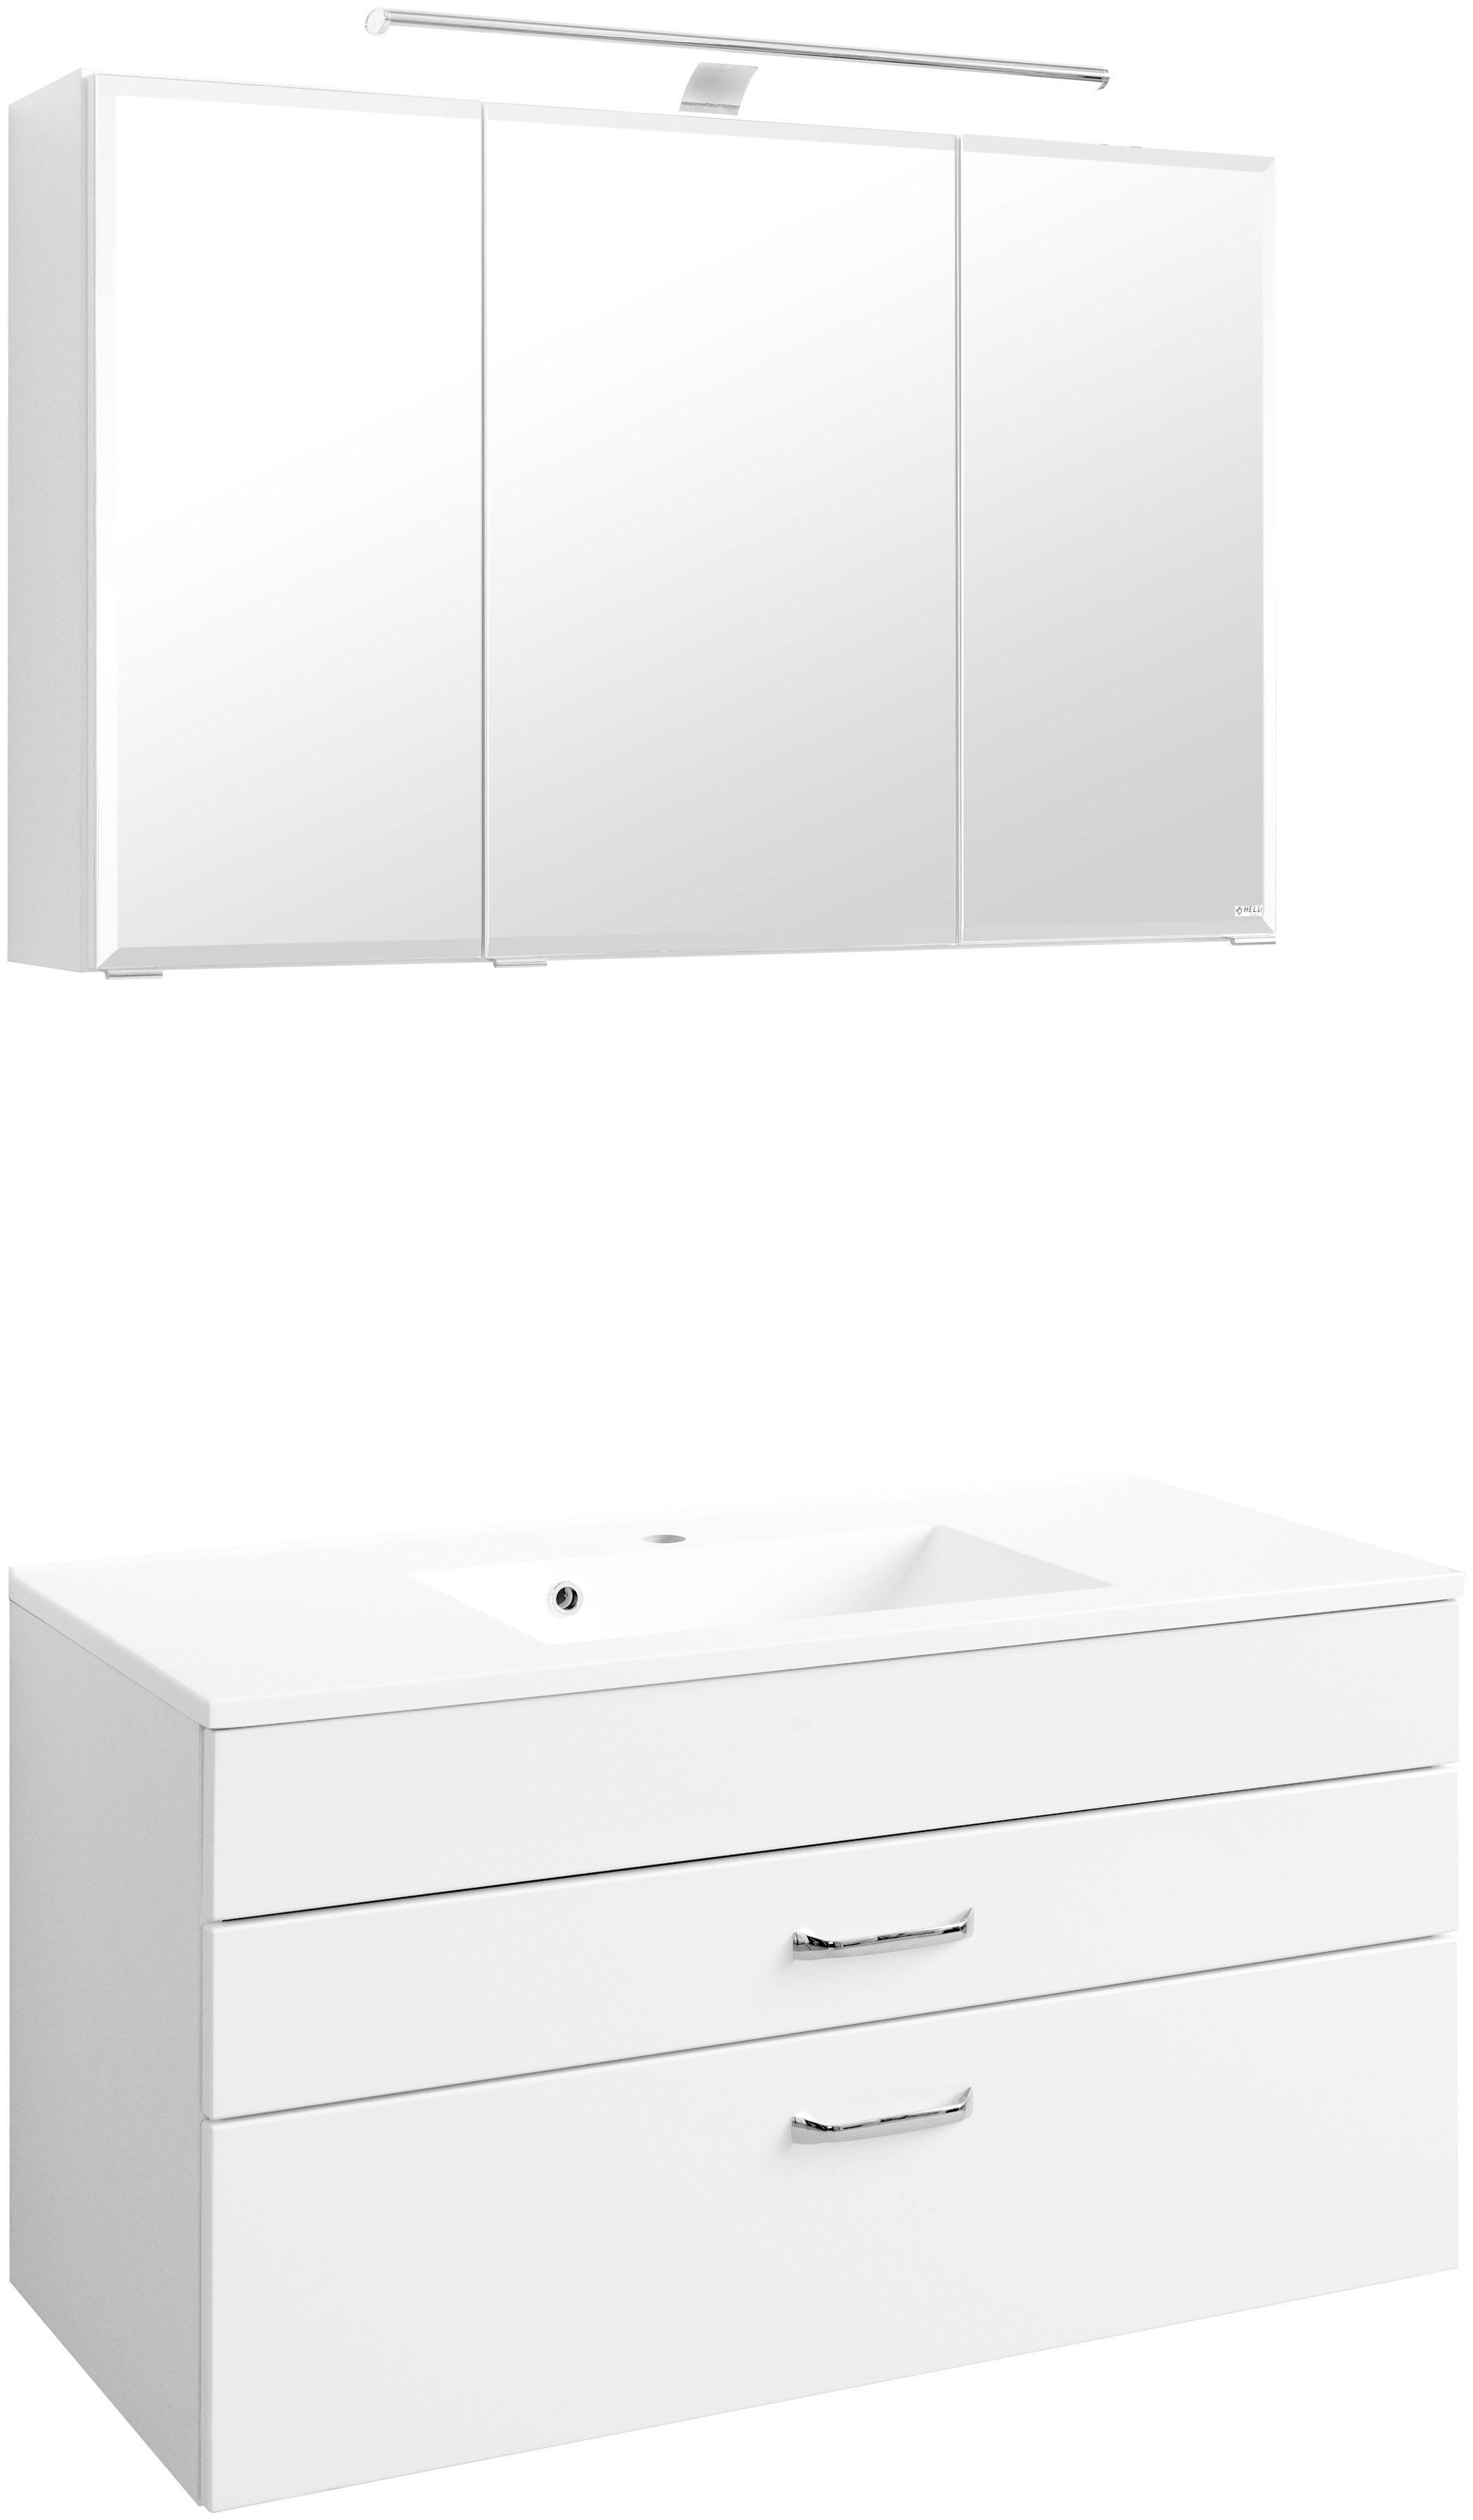 glaenzend Badmöbel-Sets online kaufen   Möbel-Suchmaschine ...